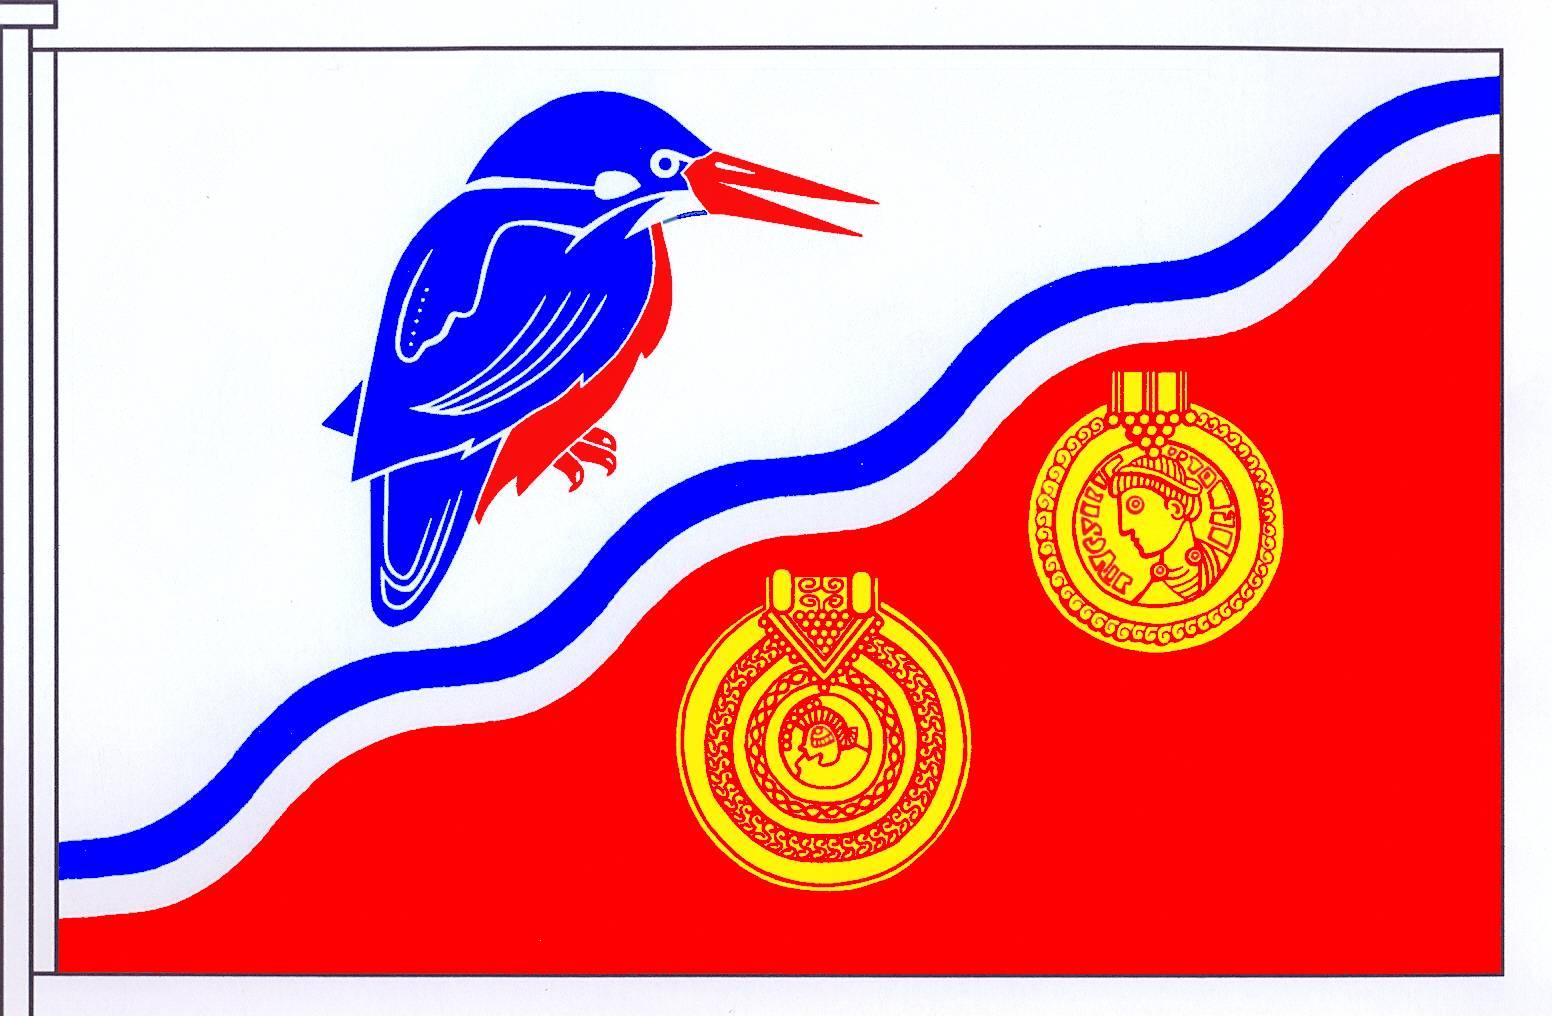 Flagge GemeindeGeltorf, Kreis Schleswig-Flensburg